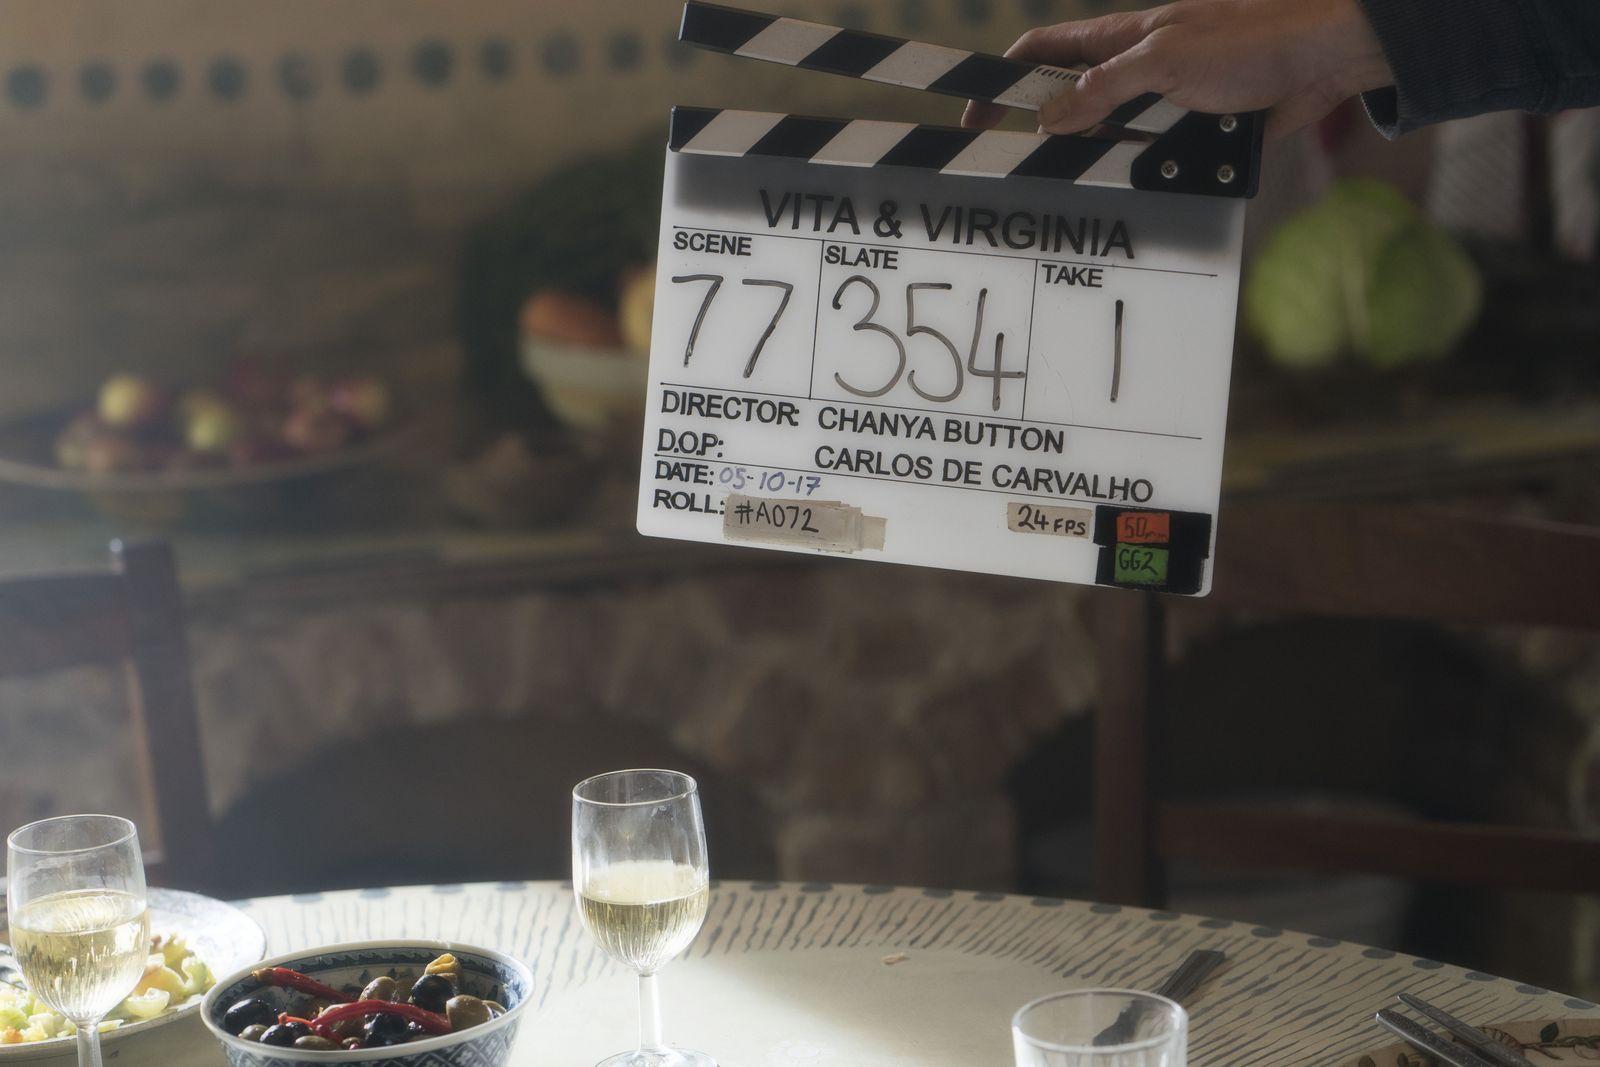 На съемочной площадке фильма «Вита и Вирджиния»